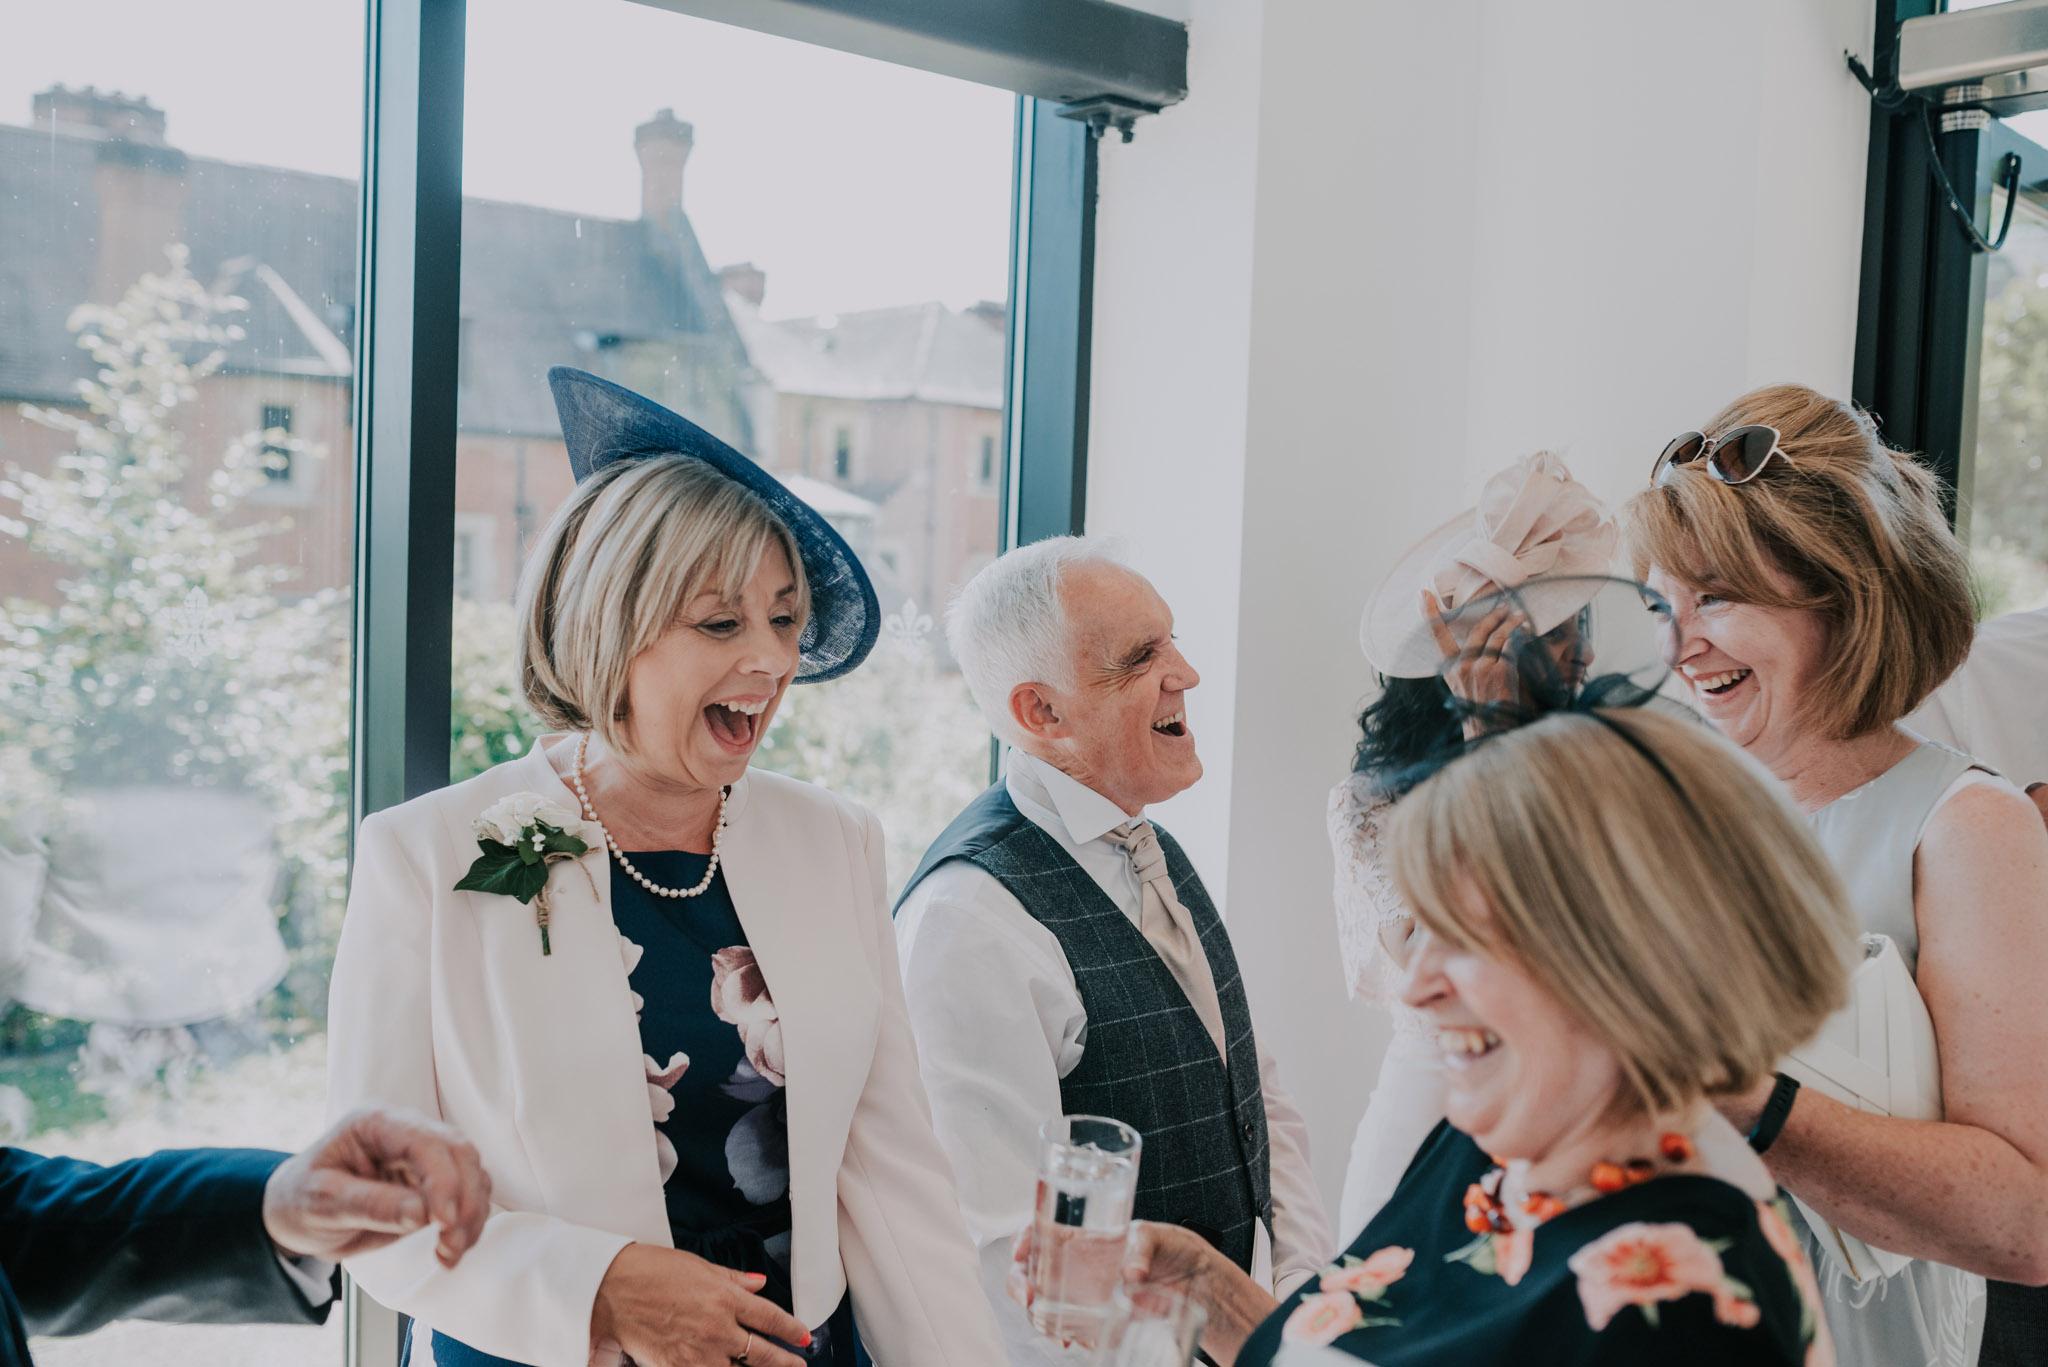 scott-stockwell-wedding-photographer-wood-norton-evesham267.jpg